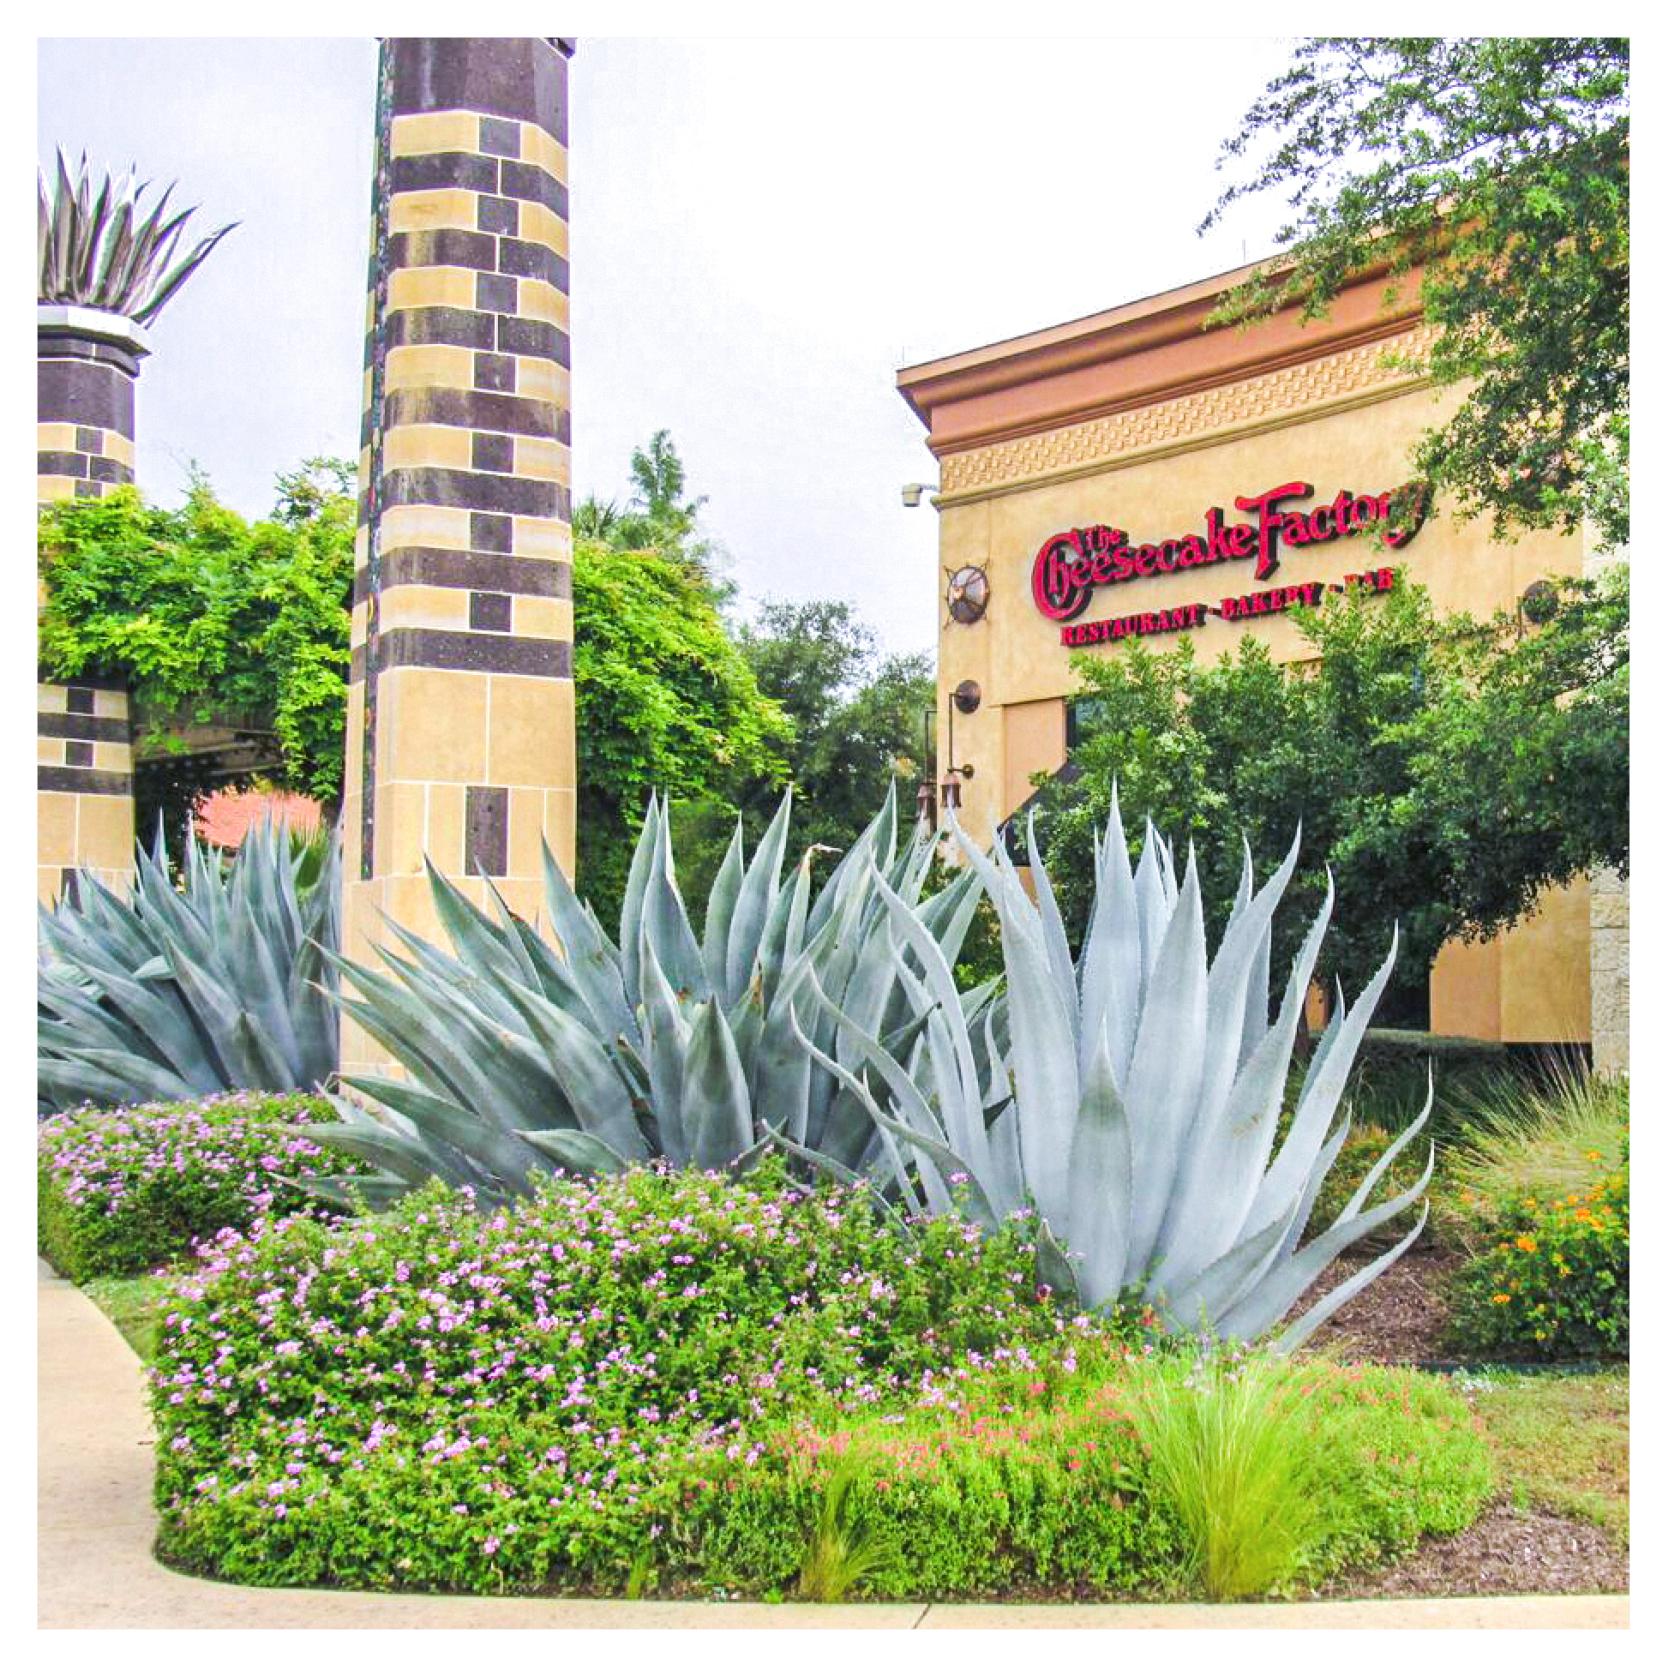 La Cantera, San Antonio